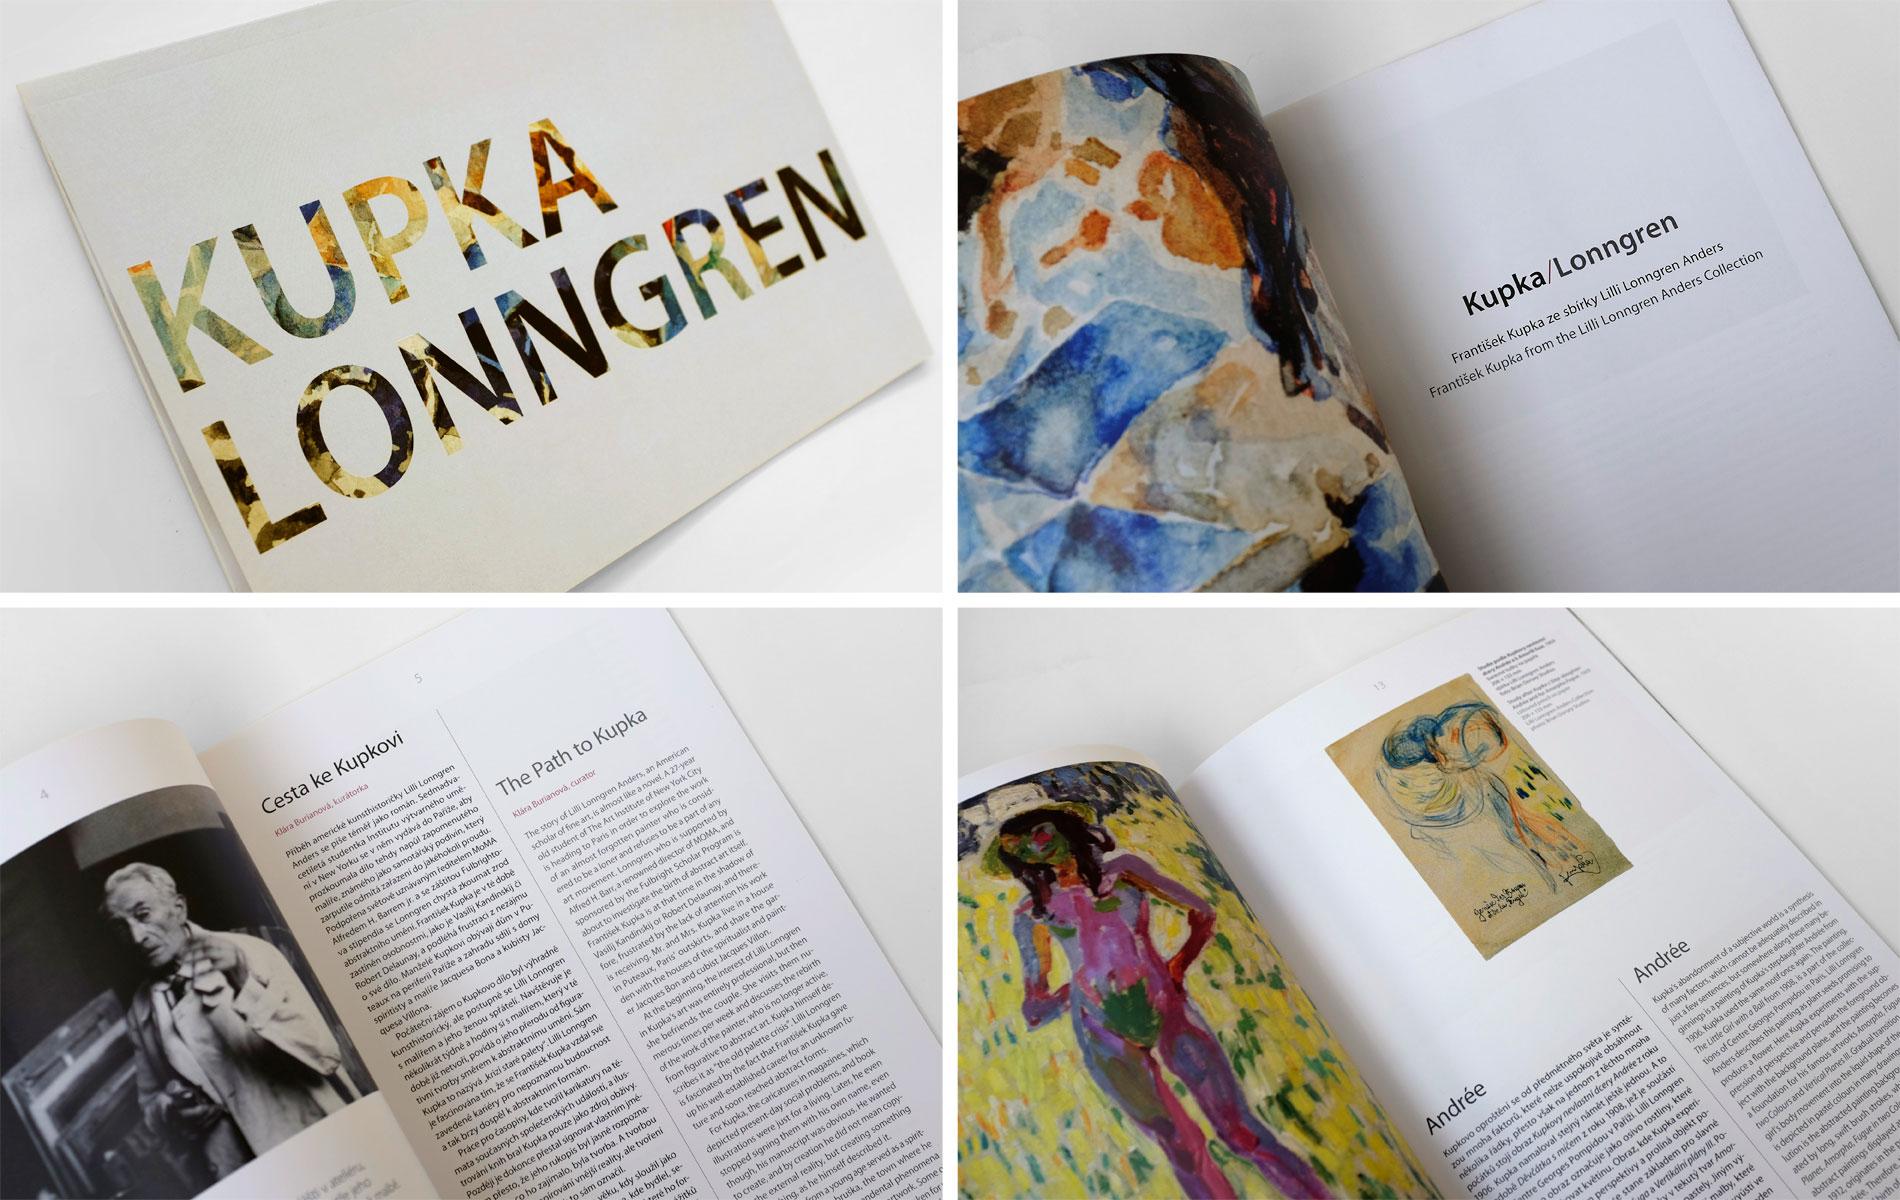 kupka-lonngren_04